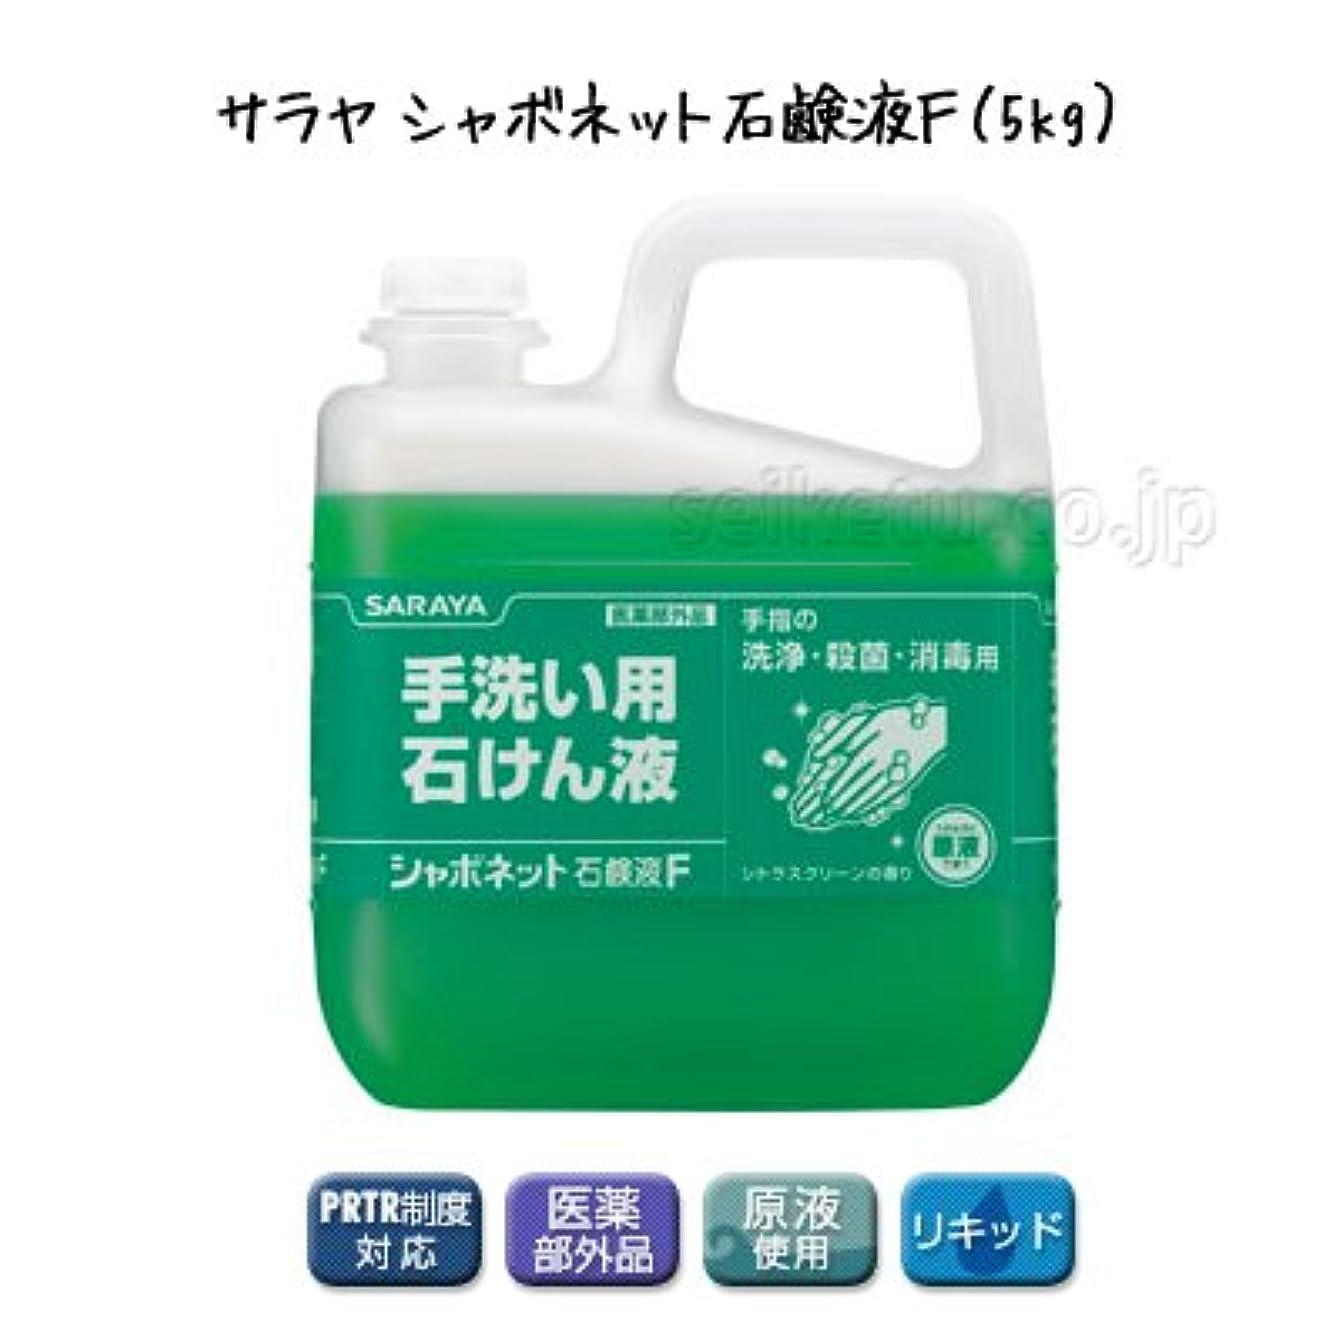 配列二十けがをする【清潔キレイ館】サラヤ シャボネット石鹸液F(5kg)